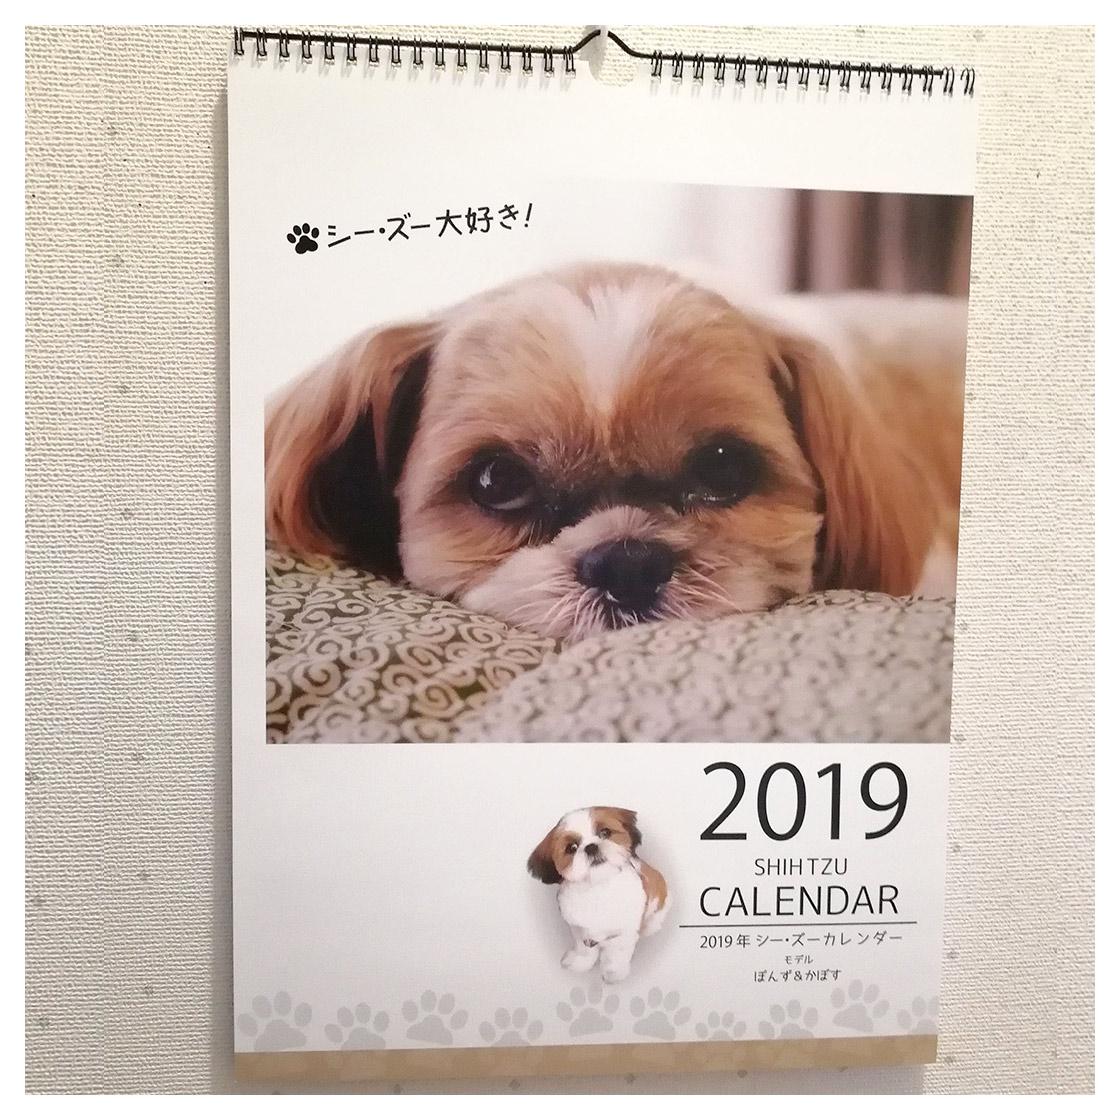 壁掛け2019年シーズーカレンダー モデル:《ぽんず&かぼす》